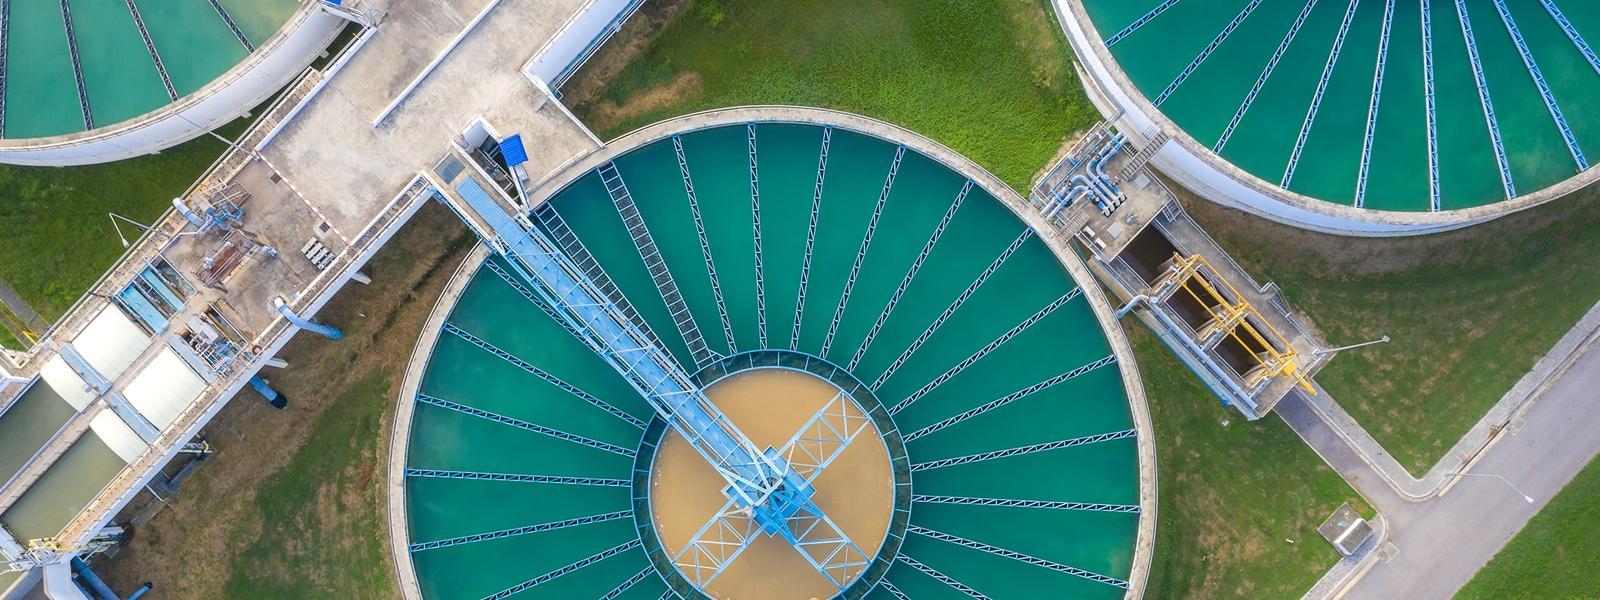 Wasseraufbereitungsanlage von oben betrachtet.